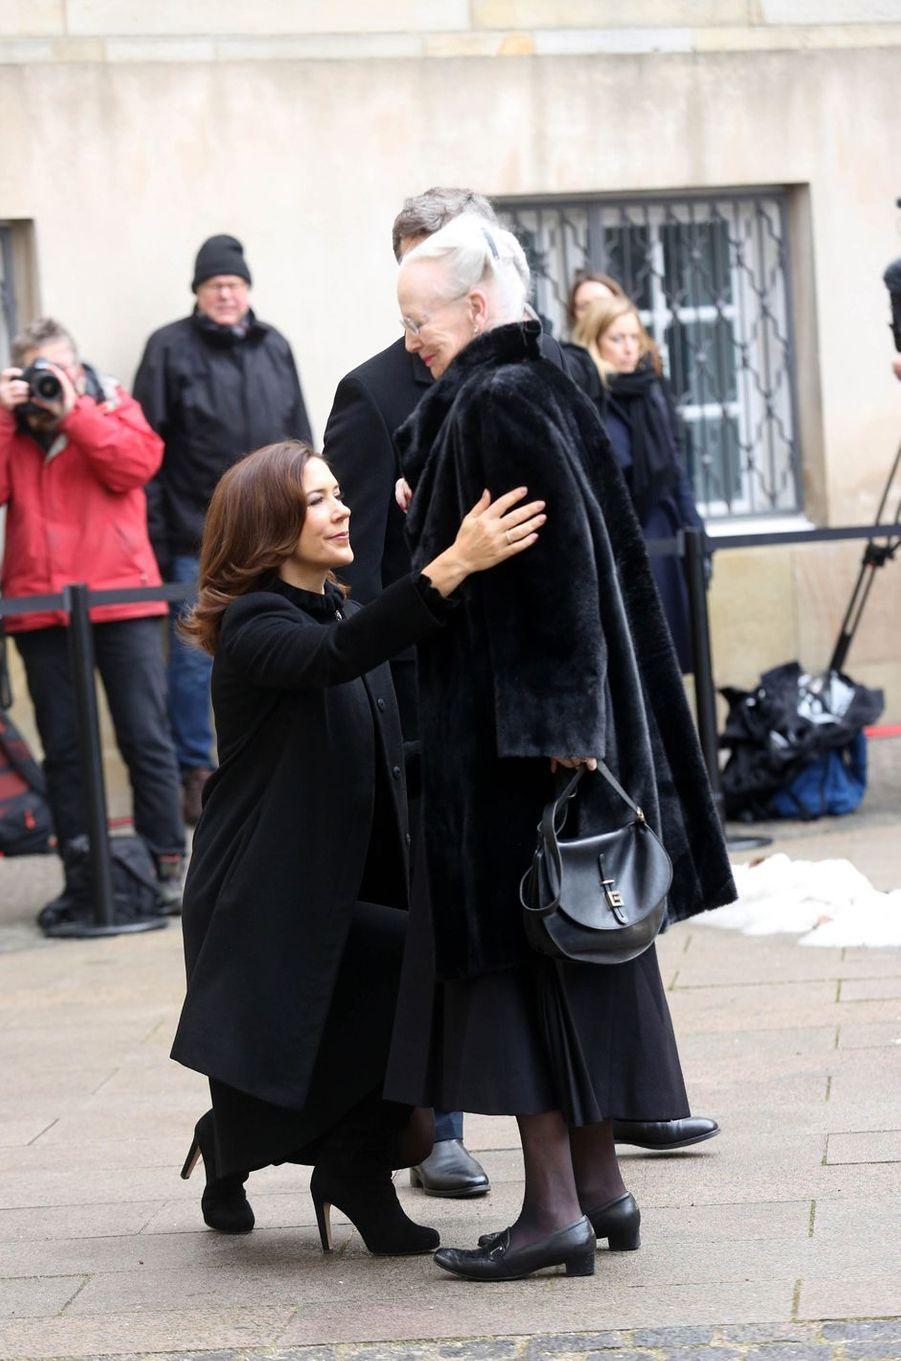 La reine Margrethe II de Danemark avec la princesse Mary et le prince Frederik à Copenhague, le 17 février 2018.